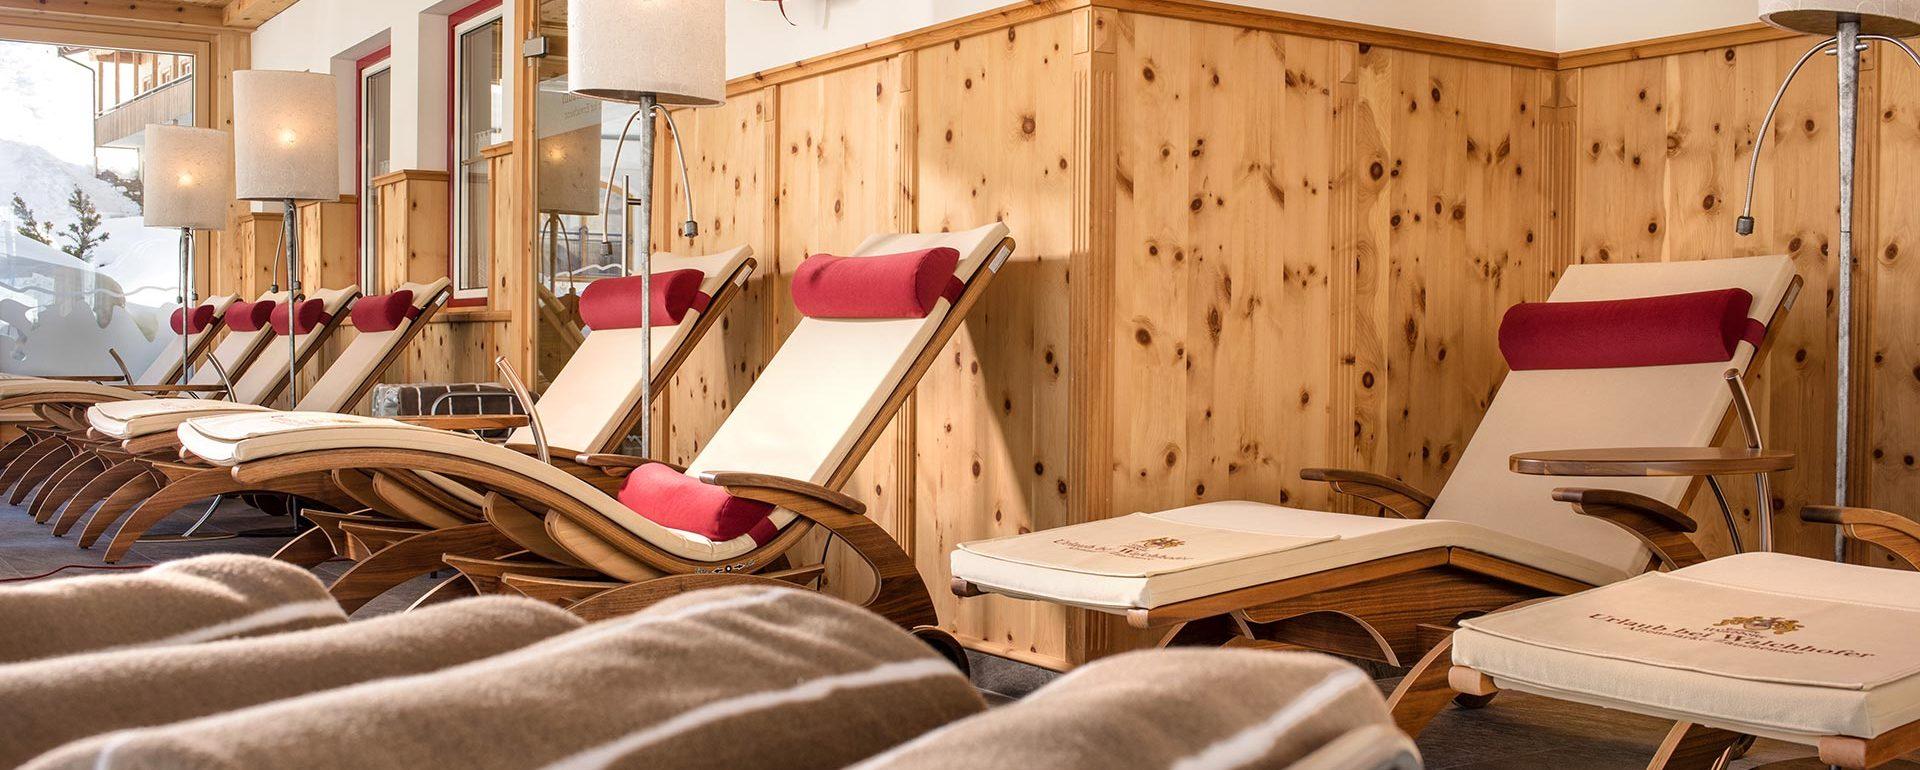 Gutscheine im Hotel Zentral, Zauchensee